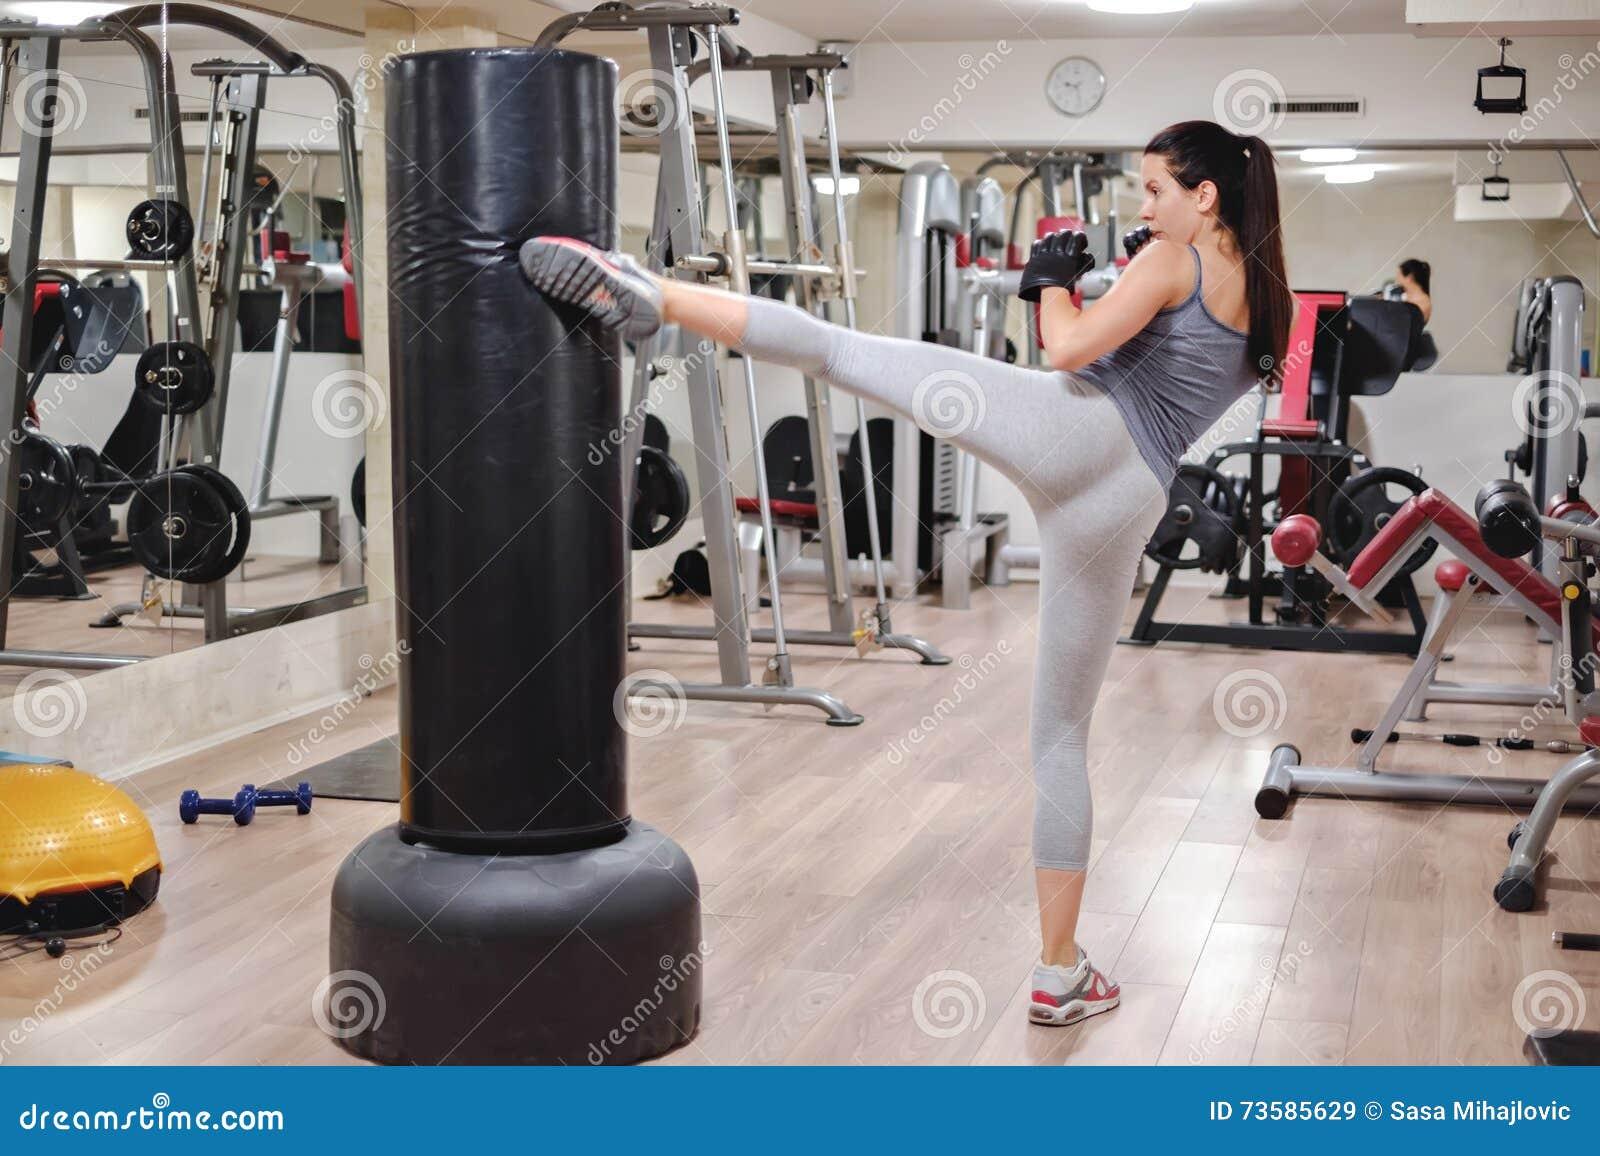 Girl kicking bag